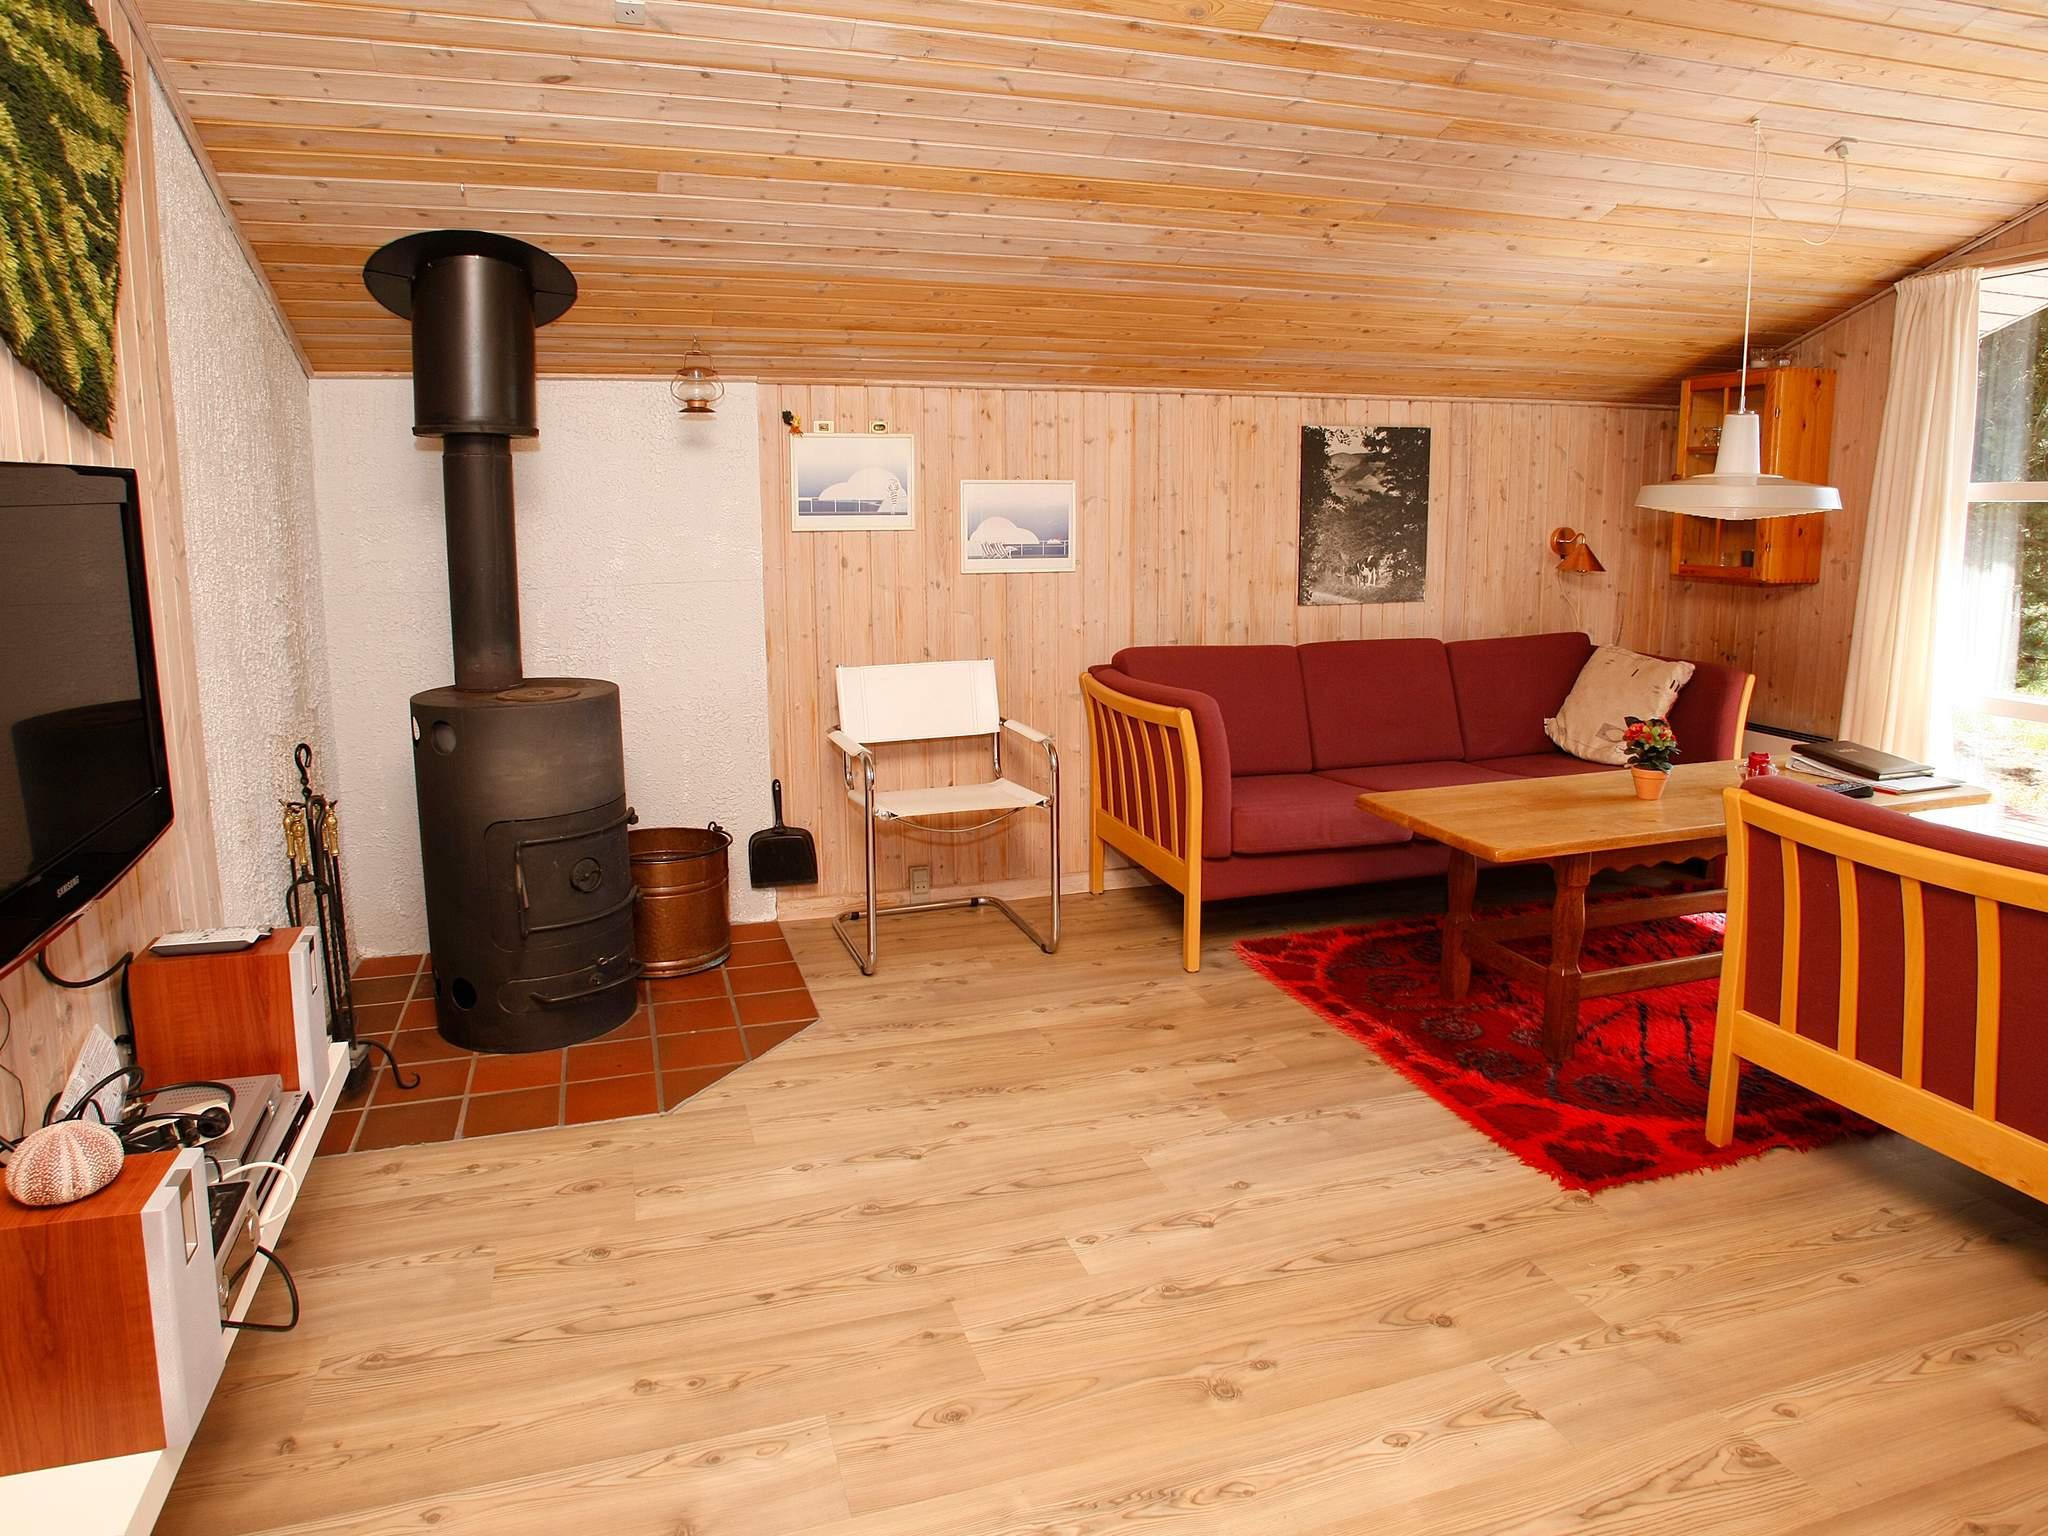 Ferienhaus Thorup Strand (83696), Fjerritslev, , Nordwestjütland, Dänemark, Bild 4